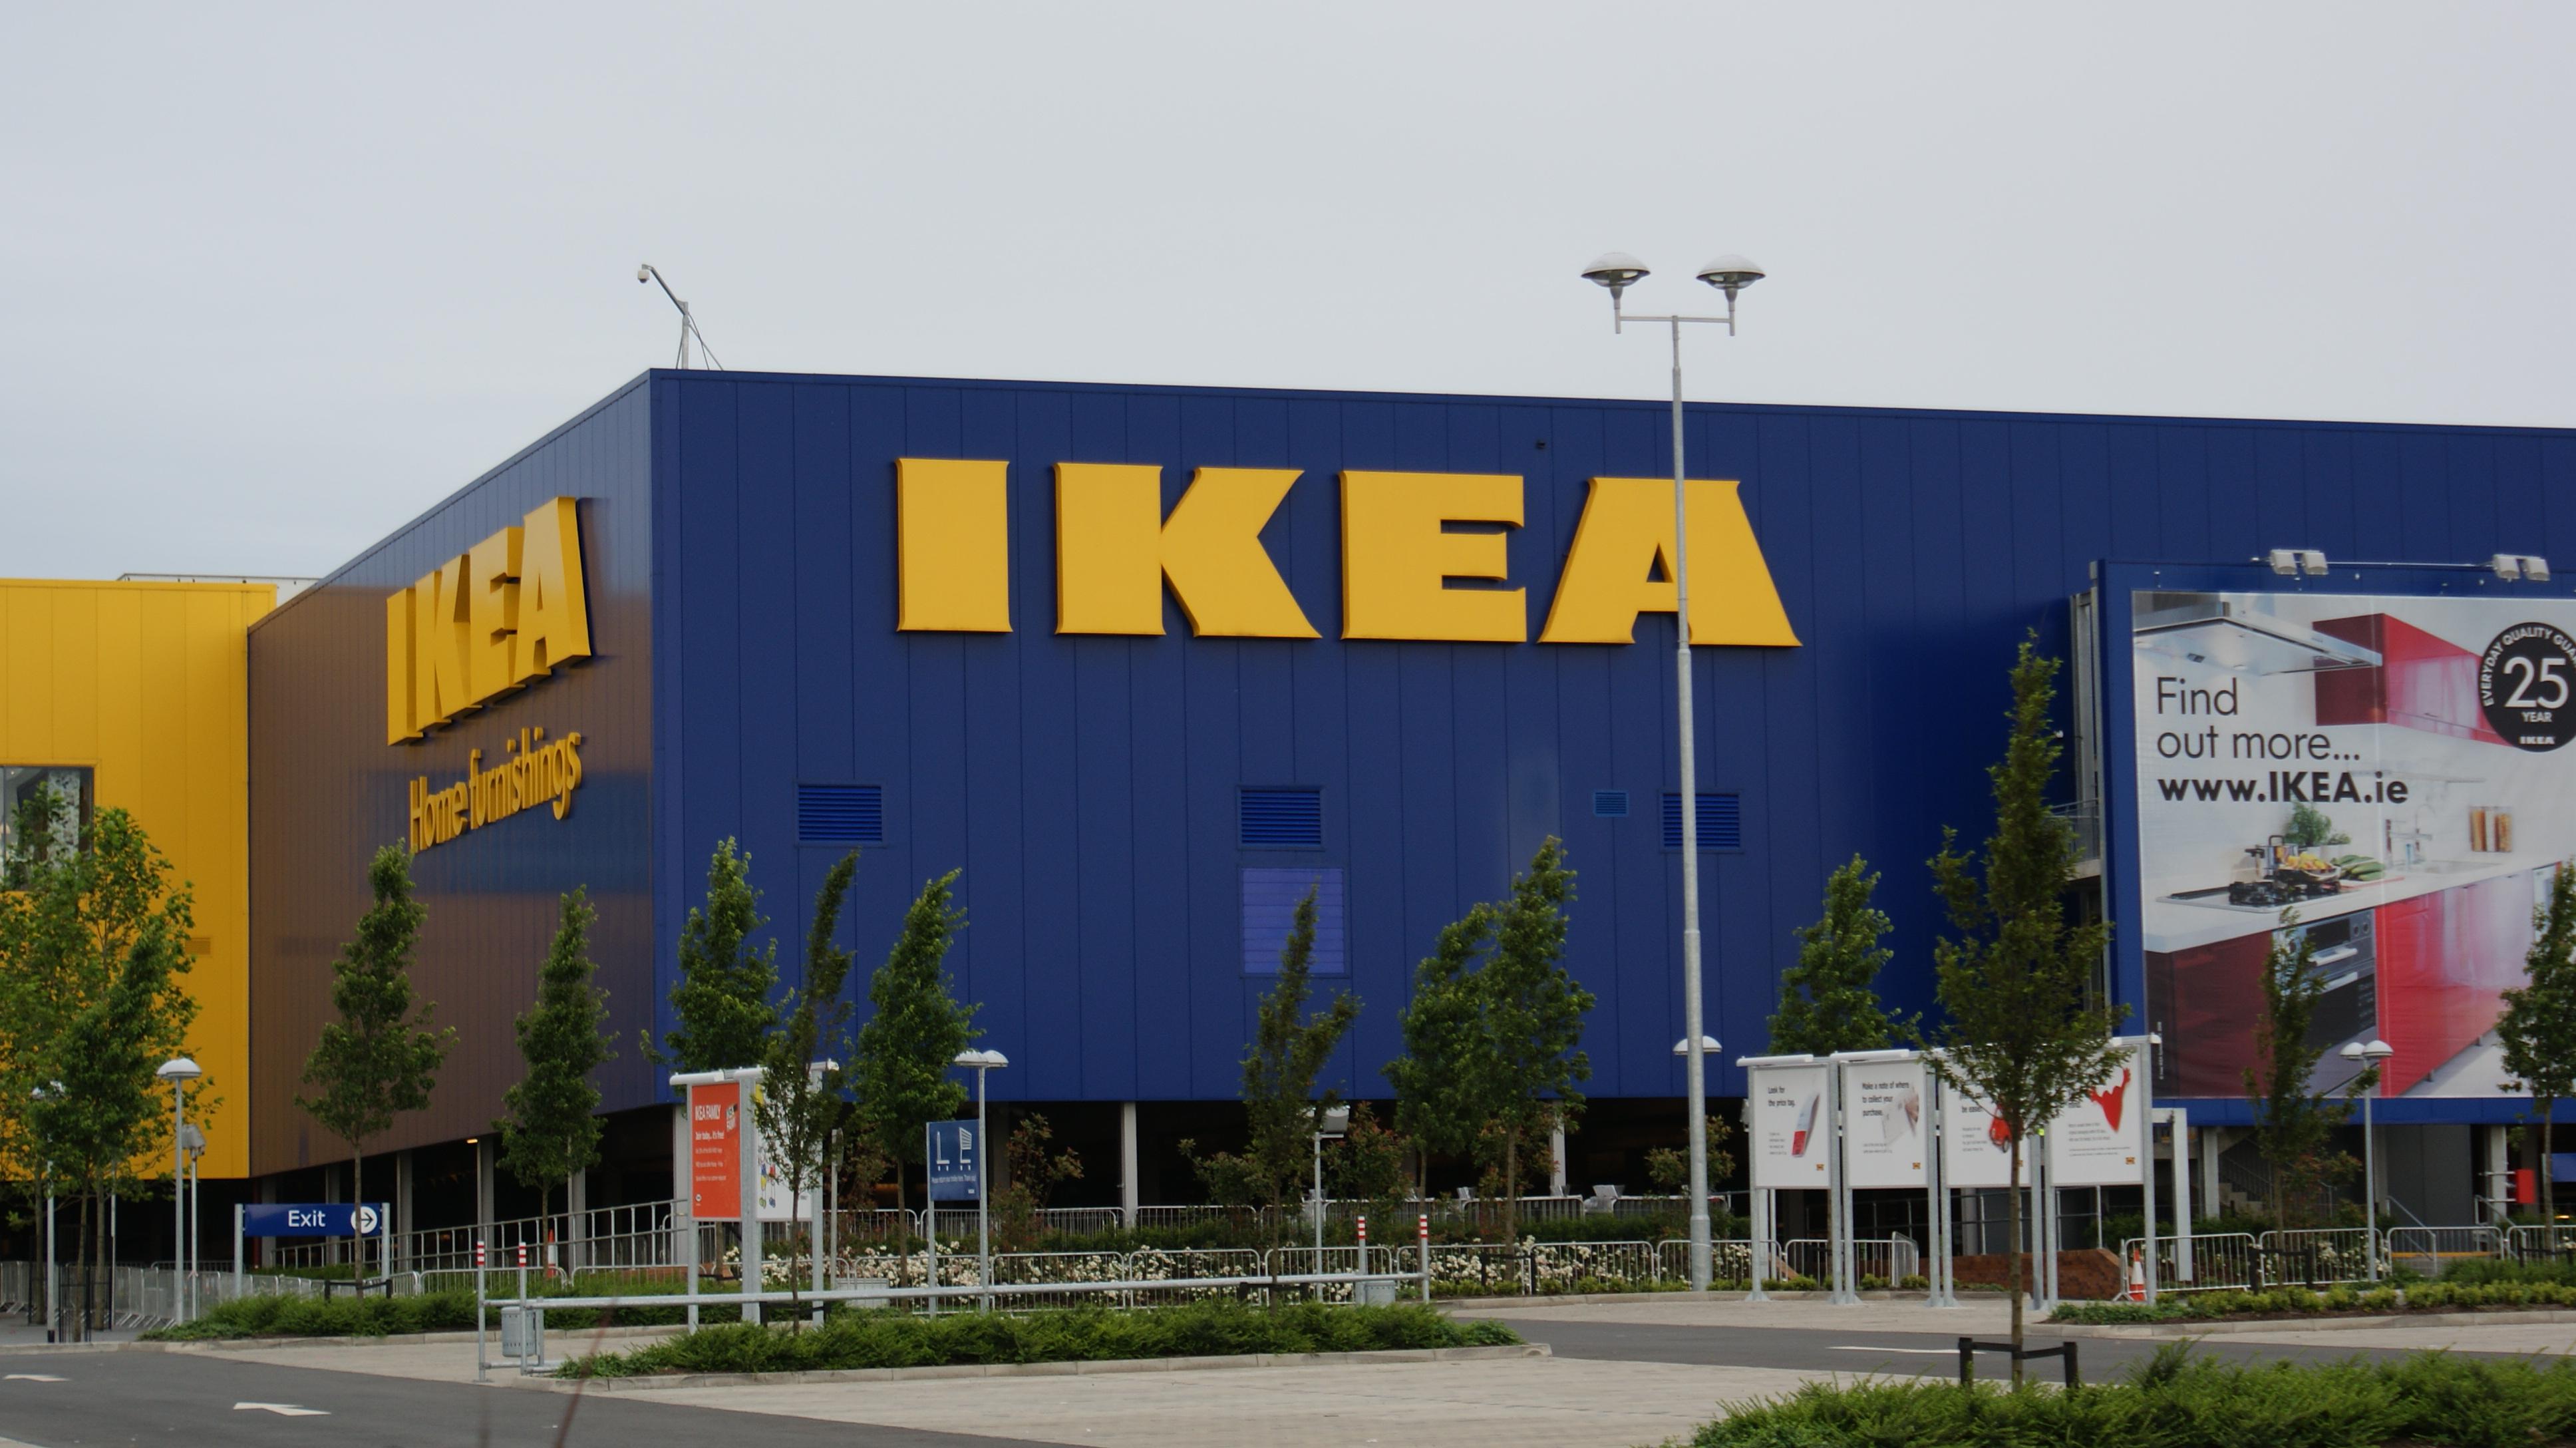 Ufficio Legale Ikea : E morto kamprad fondatore di ikea ma forse non tutti sanno che